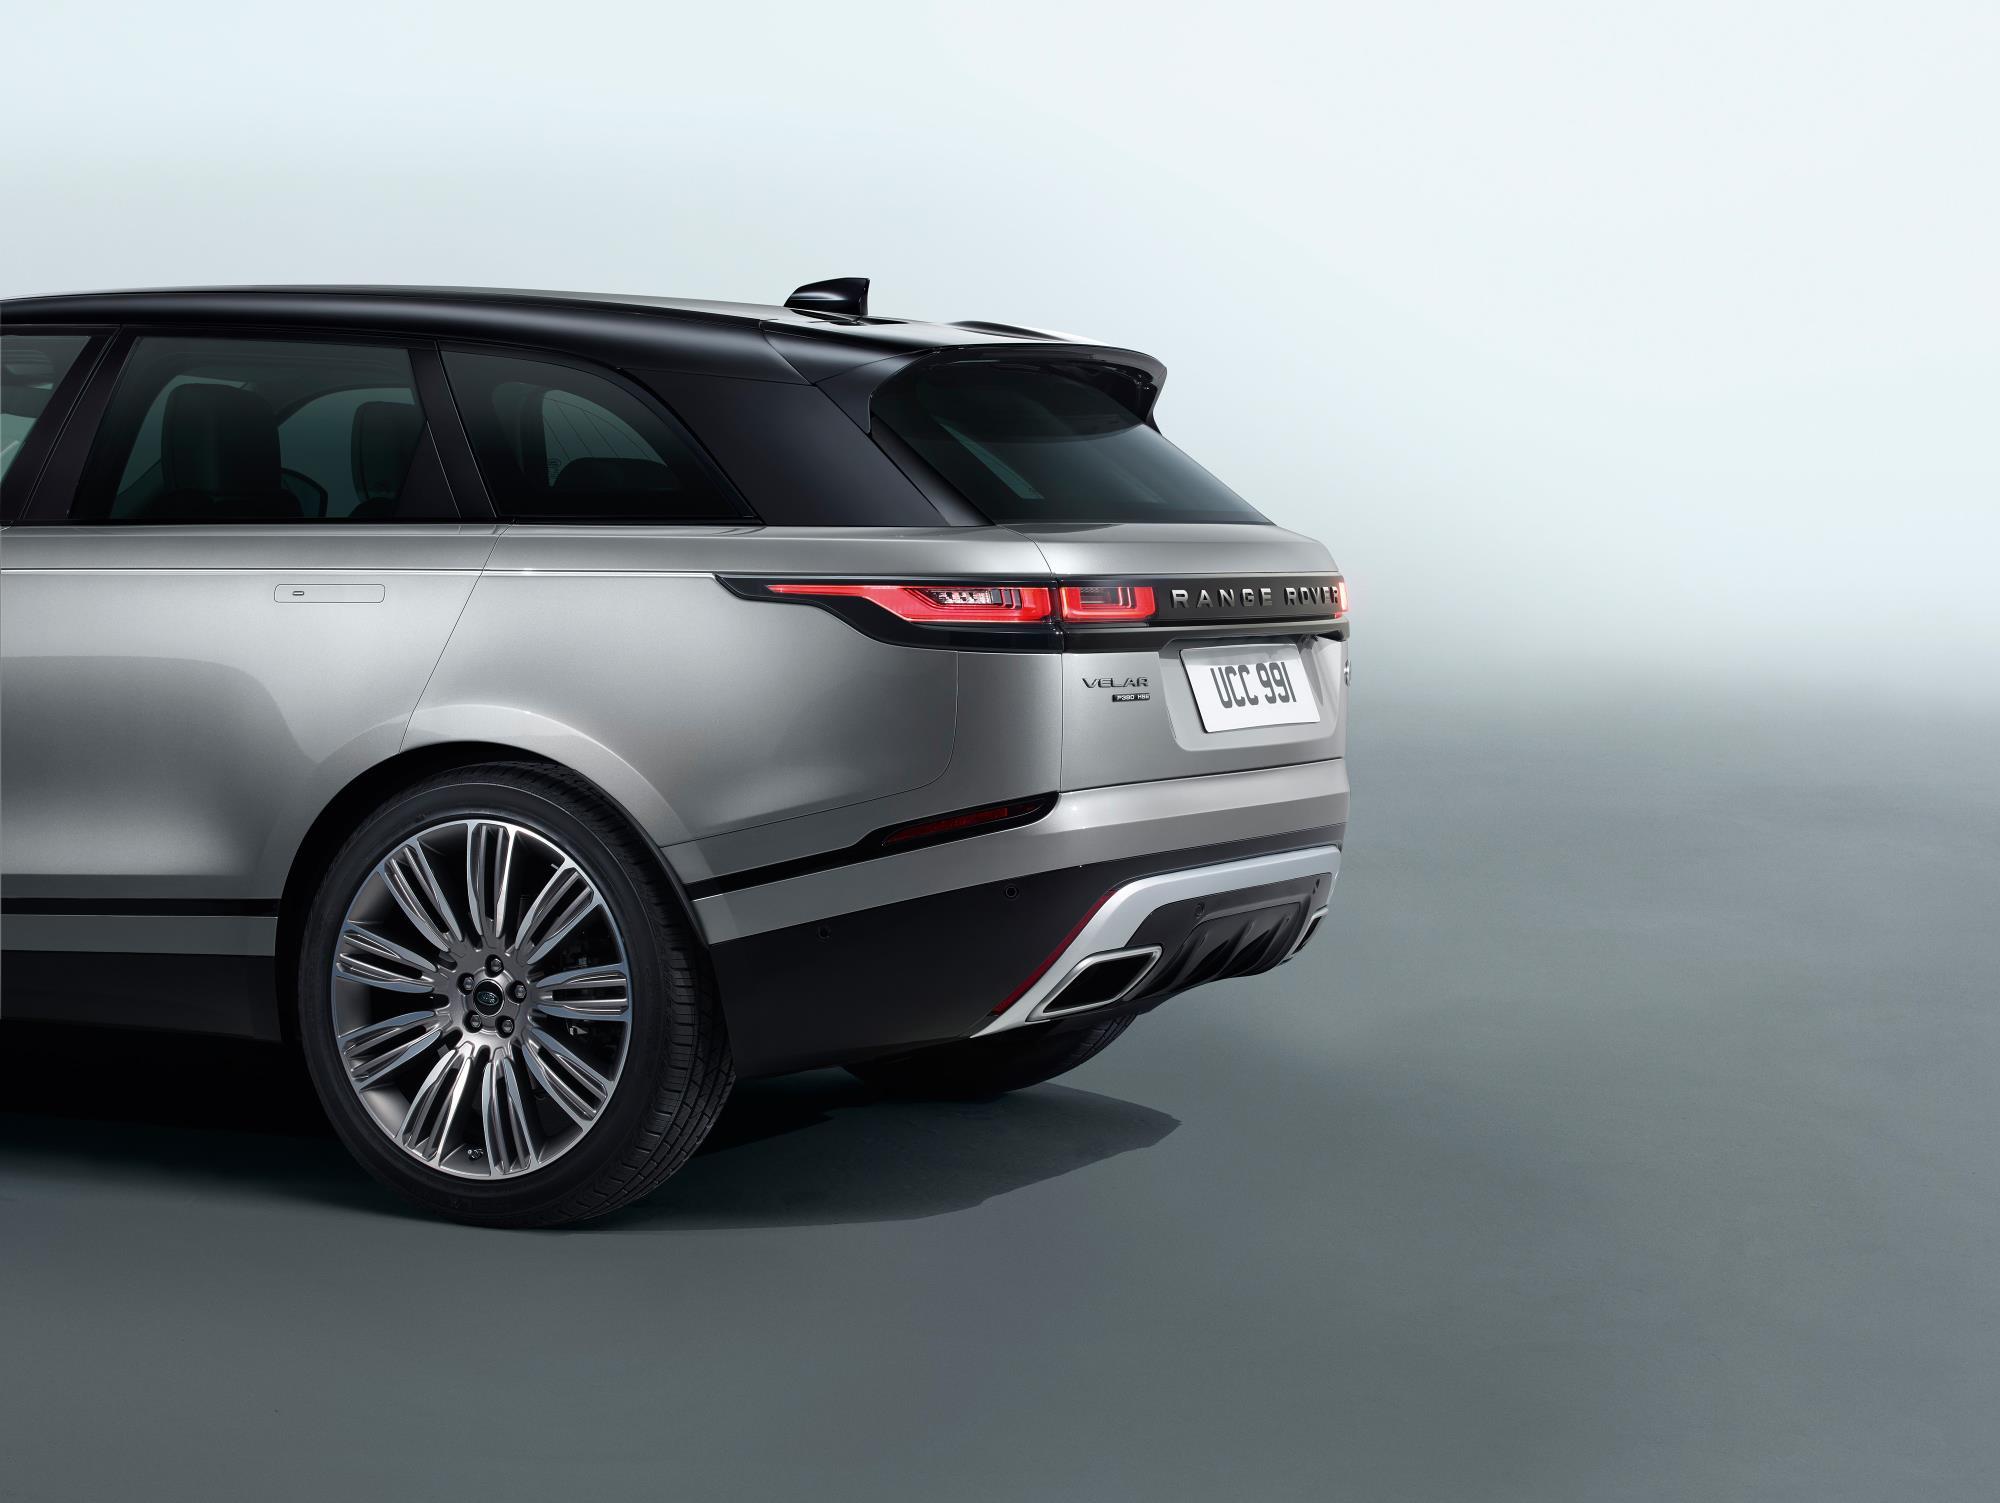 Range Rover Velar Convertible Rendering Looks Like a ...